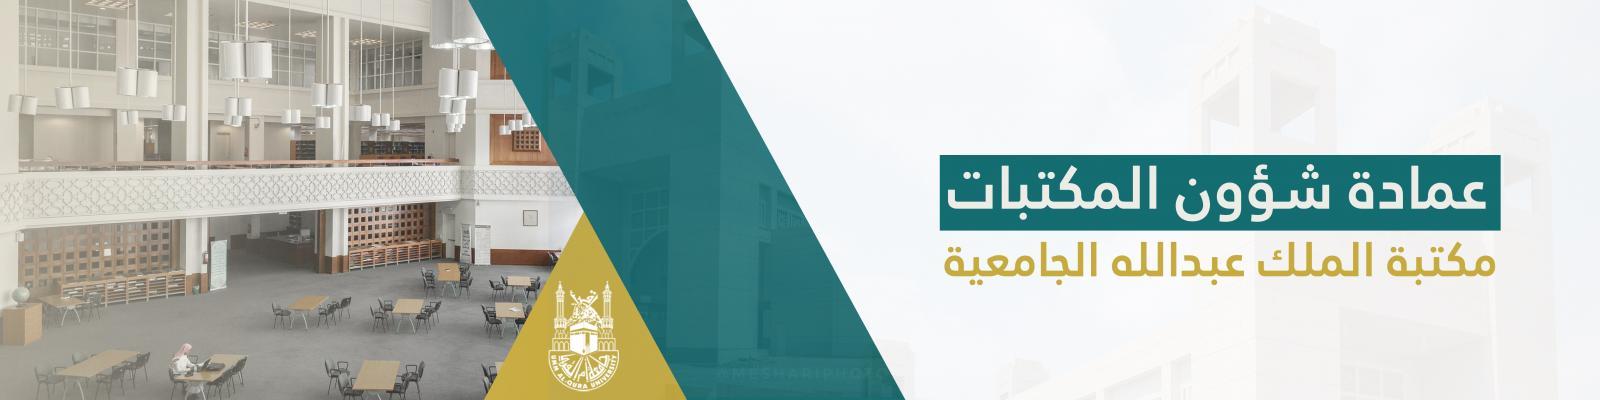 مكتبة الملك عبدالله